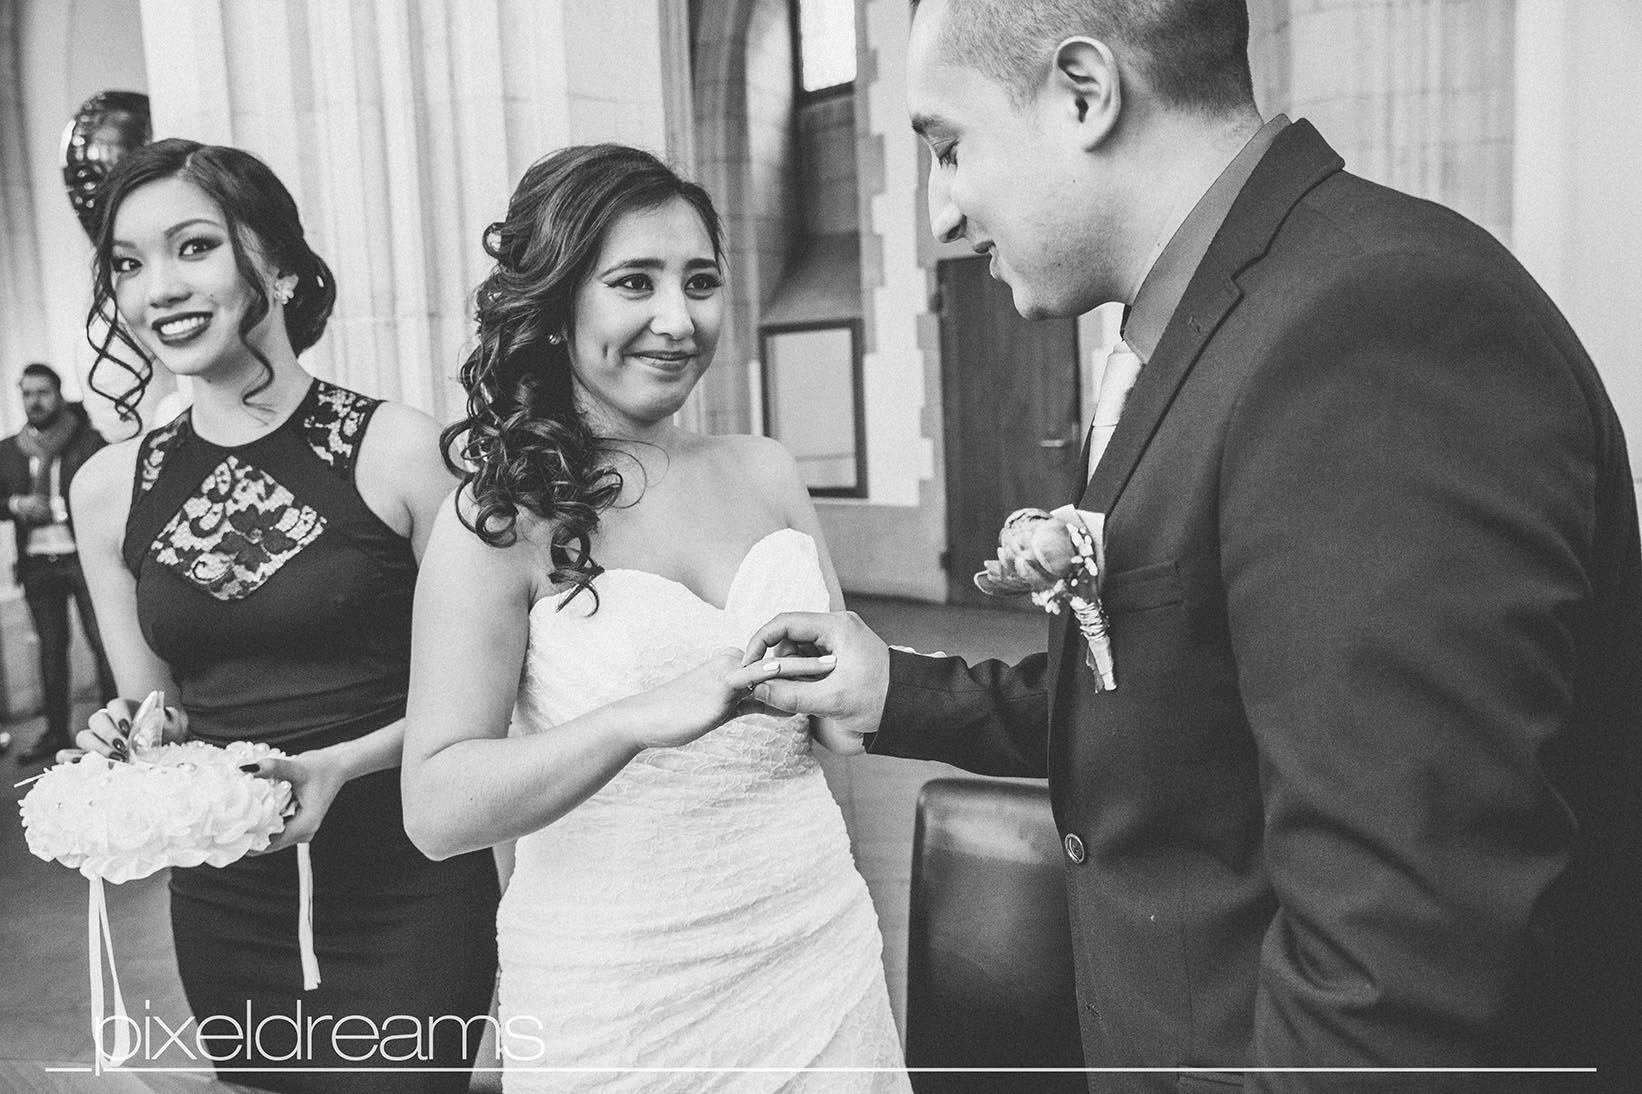 Ringtausch, Bräutigam steckt der Braut den Ehering auf - ein zauberhafter moment